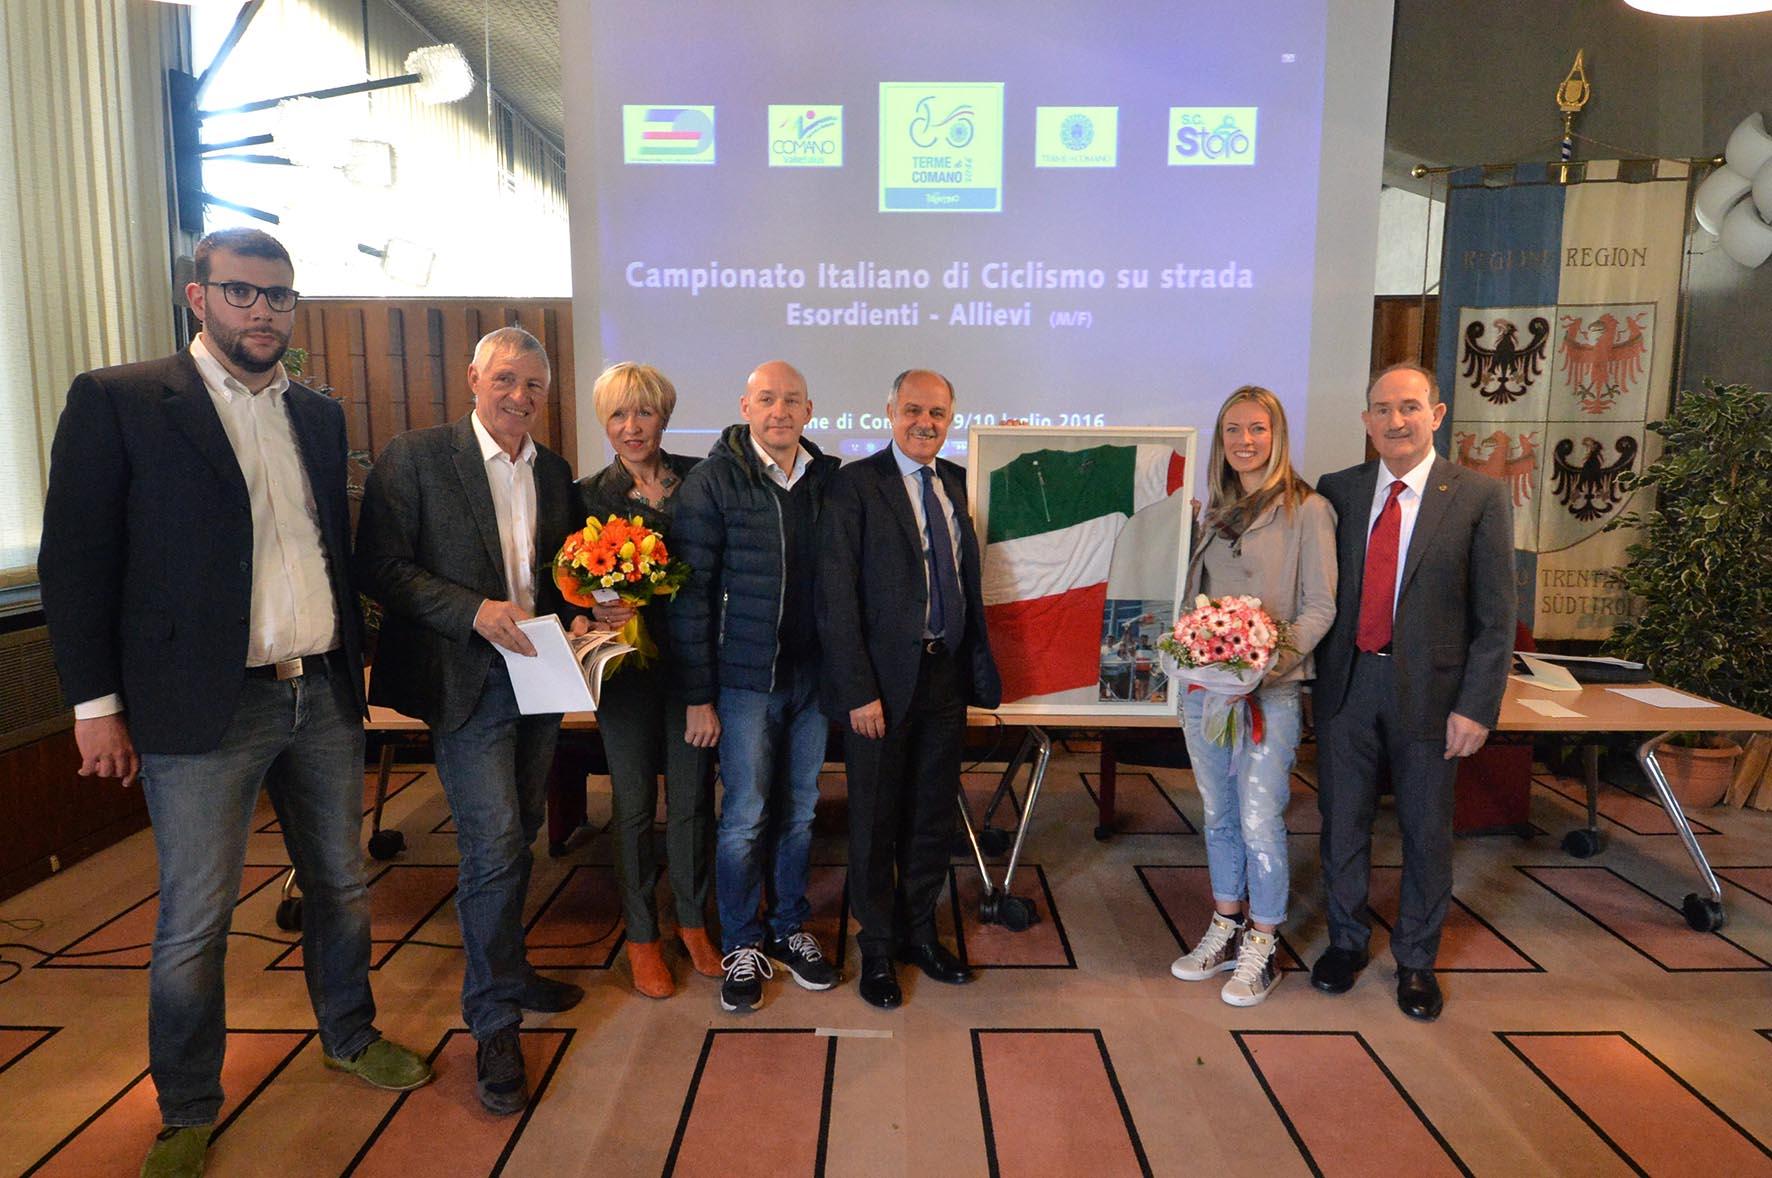 Presentazione dei Campionati Italiani di Ciclismo su Strada esordienti e allievi deò 9-10 luglio 2016 (foto Daniele Mosna)